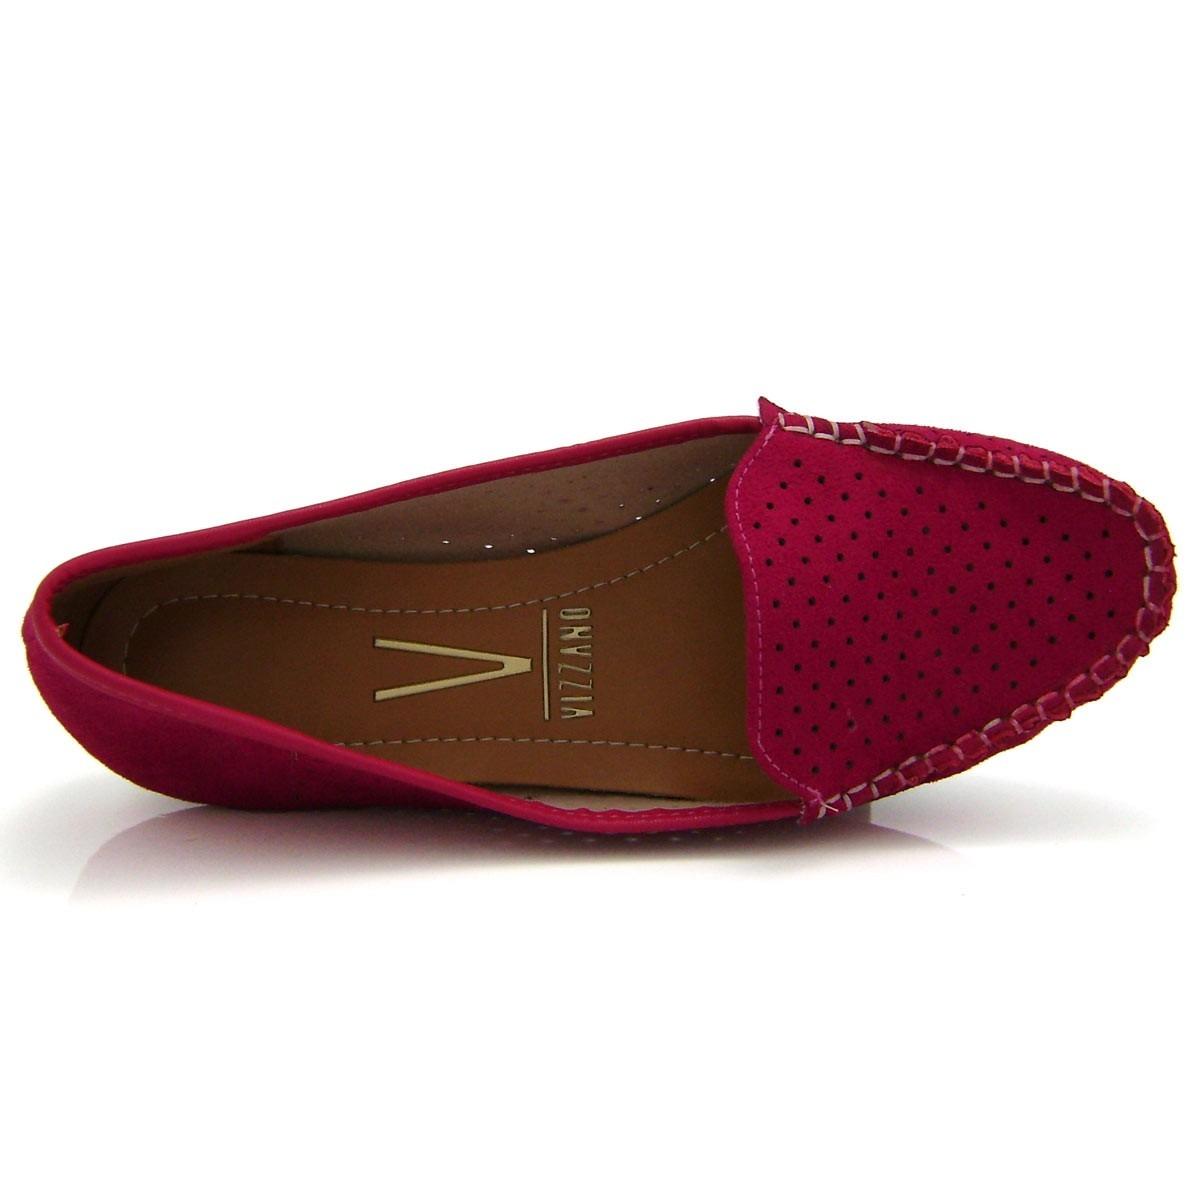 1b20b07471e sapato mocassim vizzano 1187103 - olfer calçados. Carregando zoom.